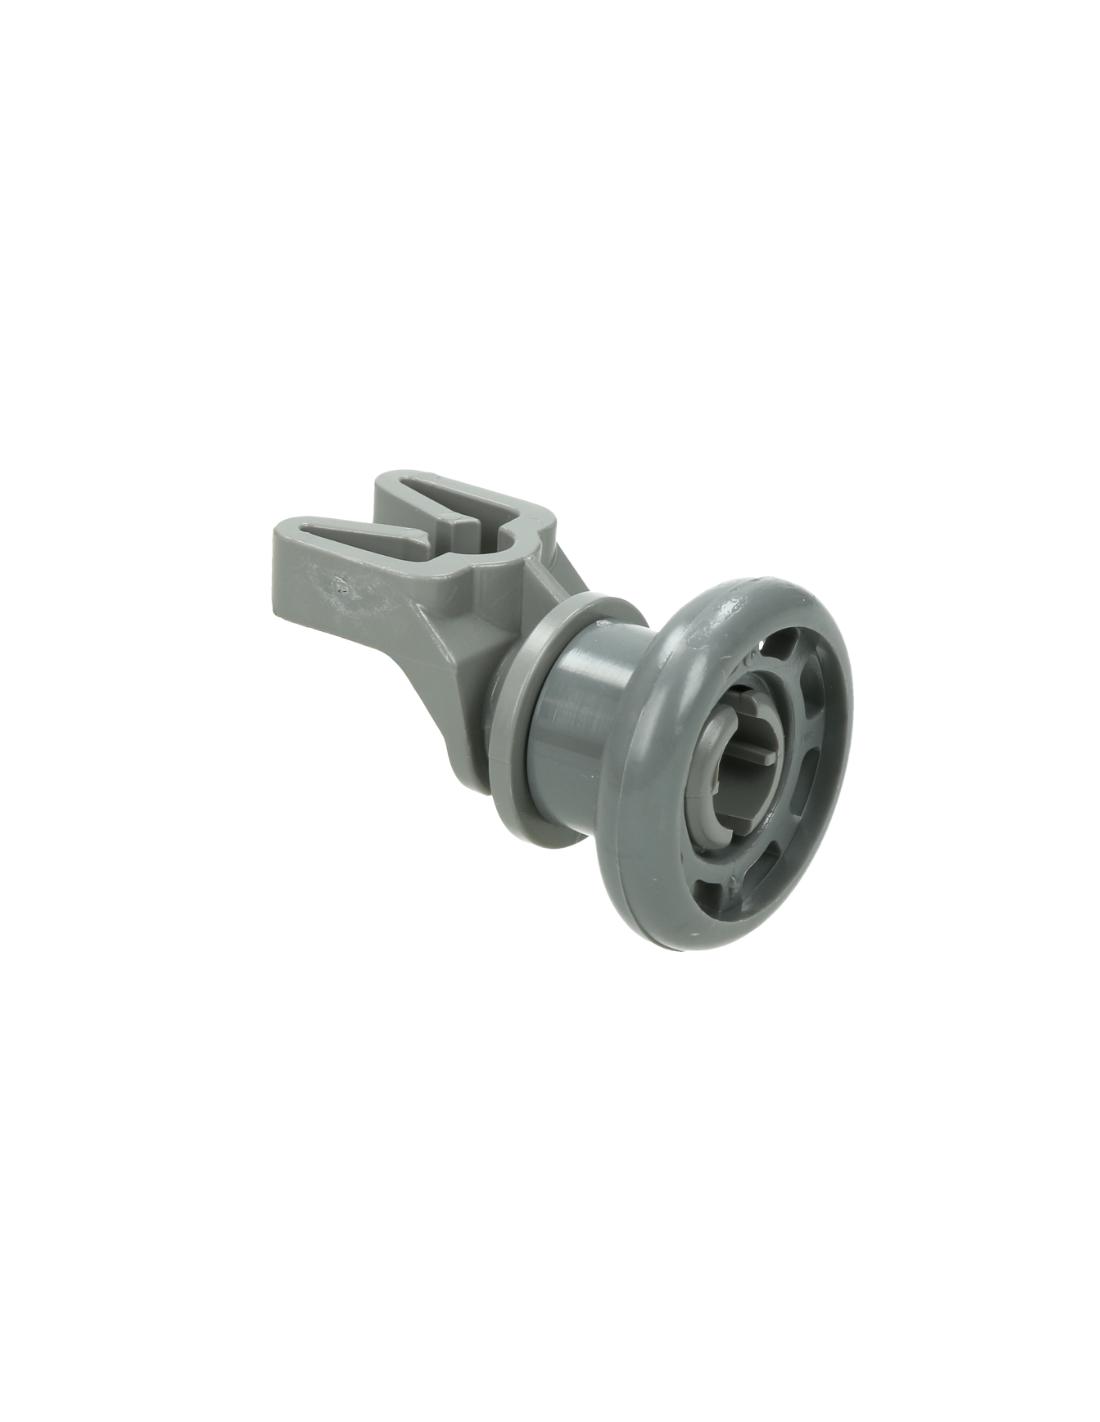 1173858109 Upper Arm Power Hose for Electrolux Dishwasher